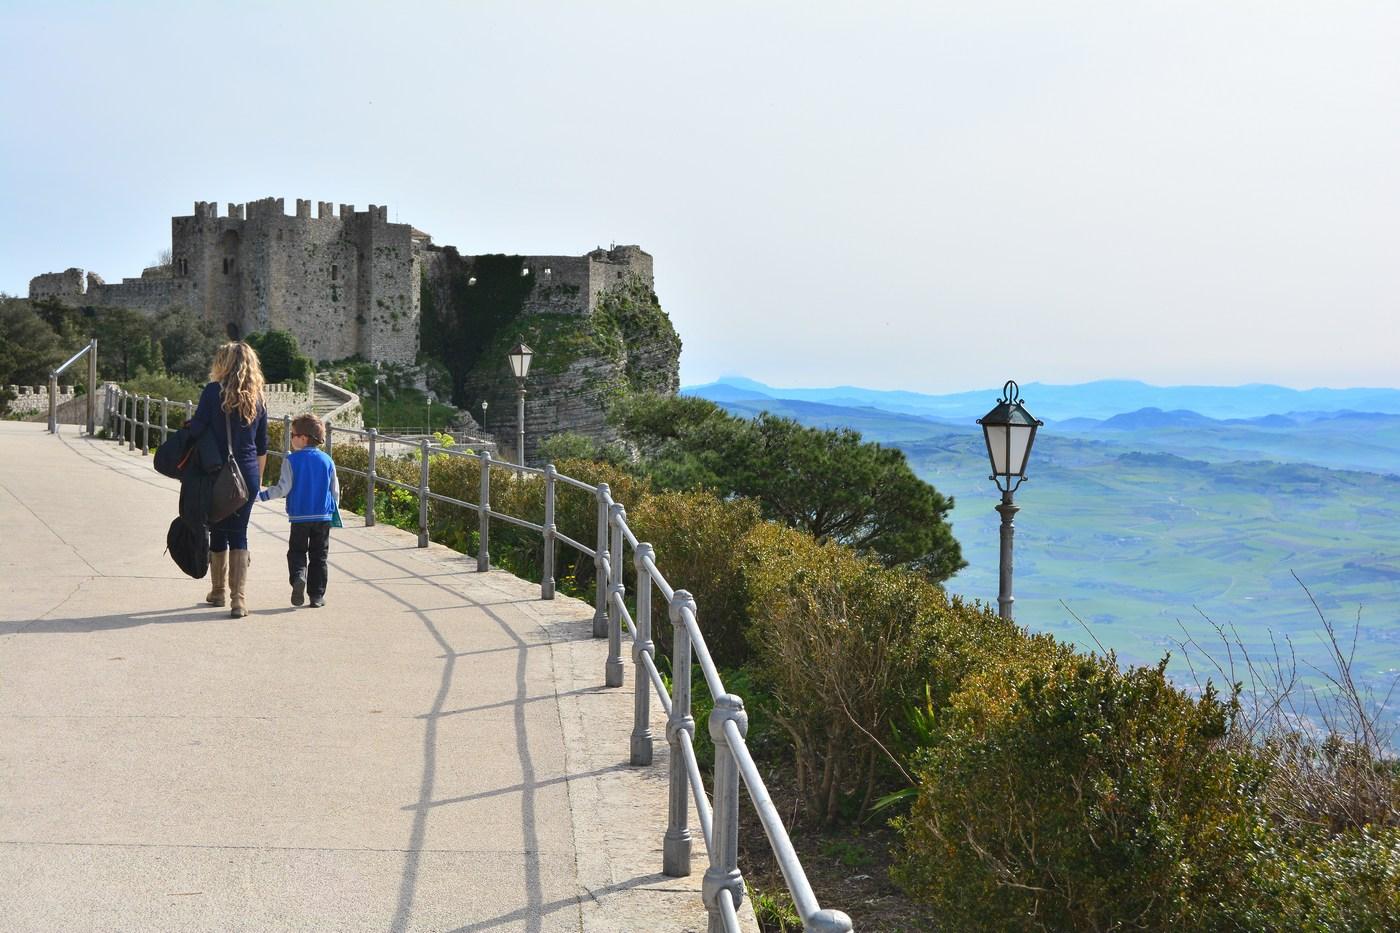 Tout au bout de la ville, dominant l'Est, voici le château de Vénus, une forteresse normande du XIIème siècle.